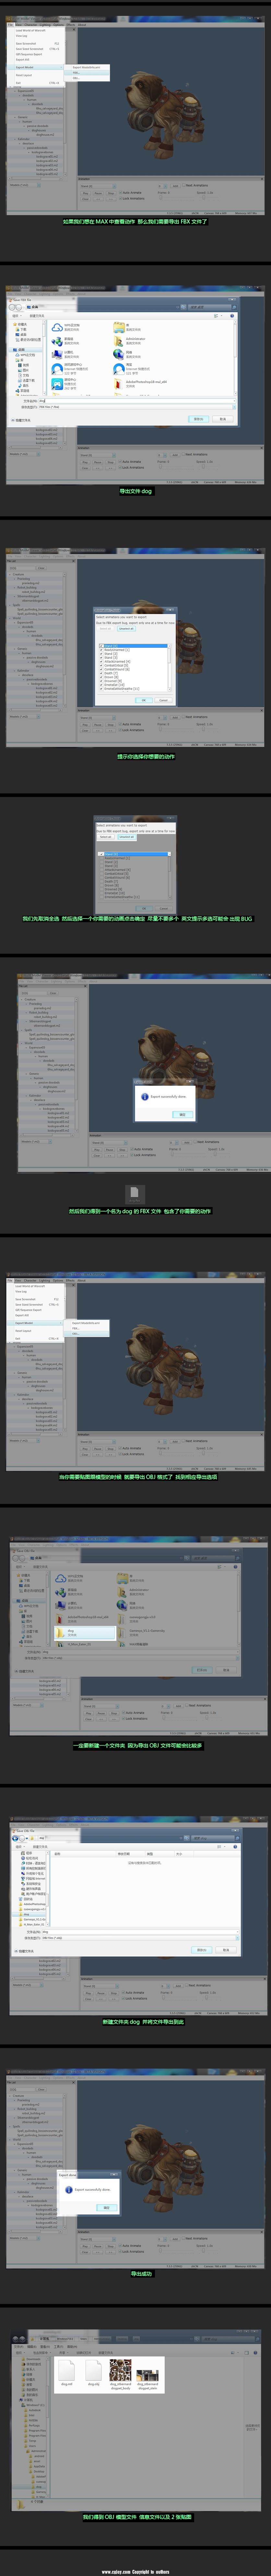 简单使用3导出FBX与OBJ.jpg